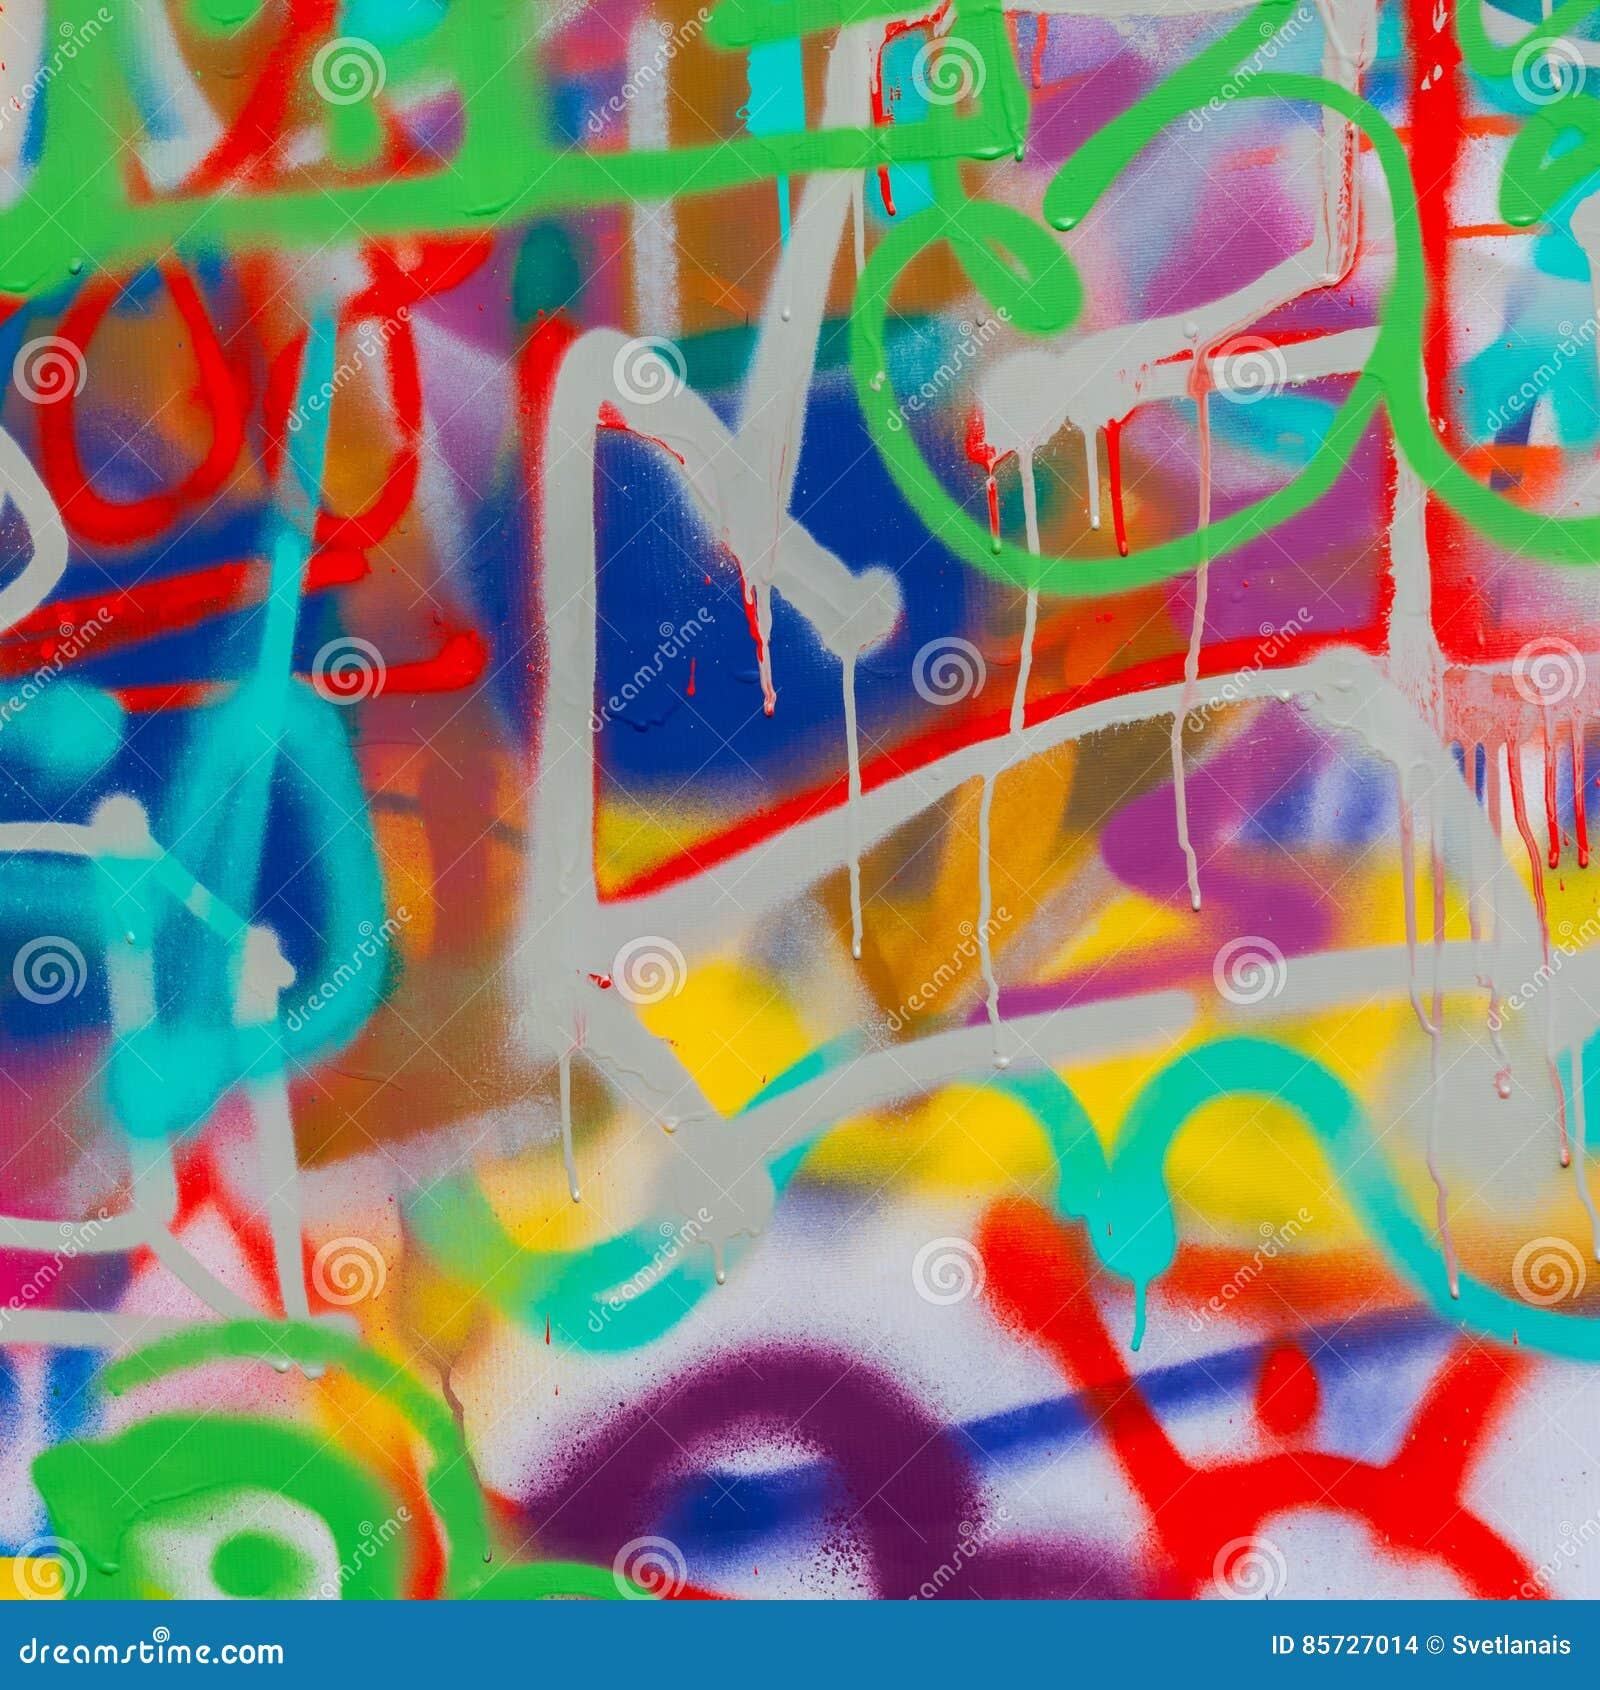 Glitter Sulla Parete : Bello primo piano dei graffiti di arte della via colori